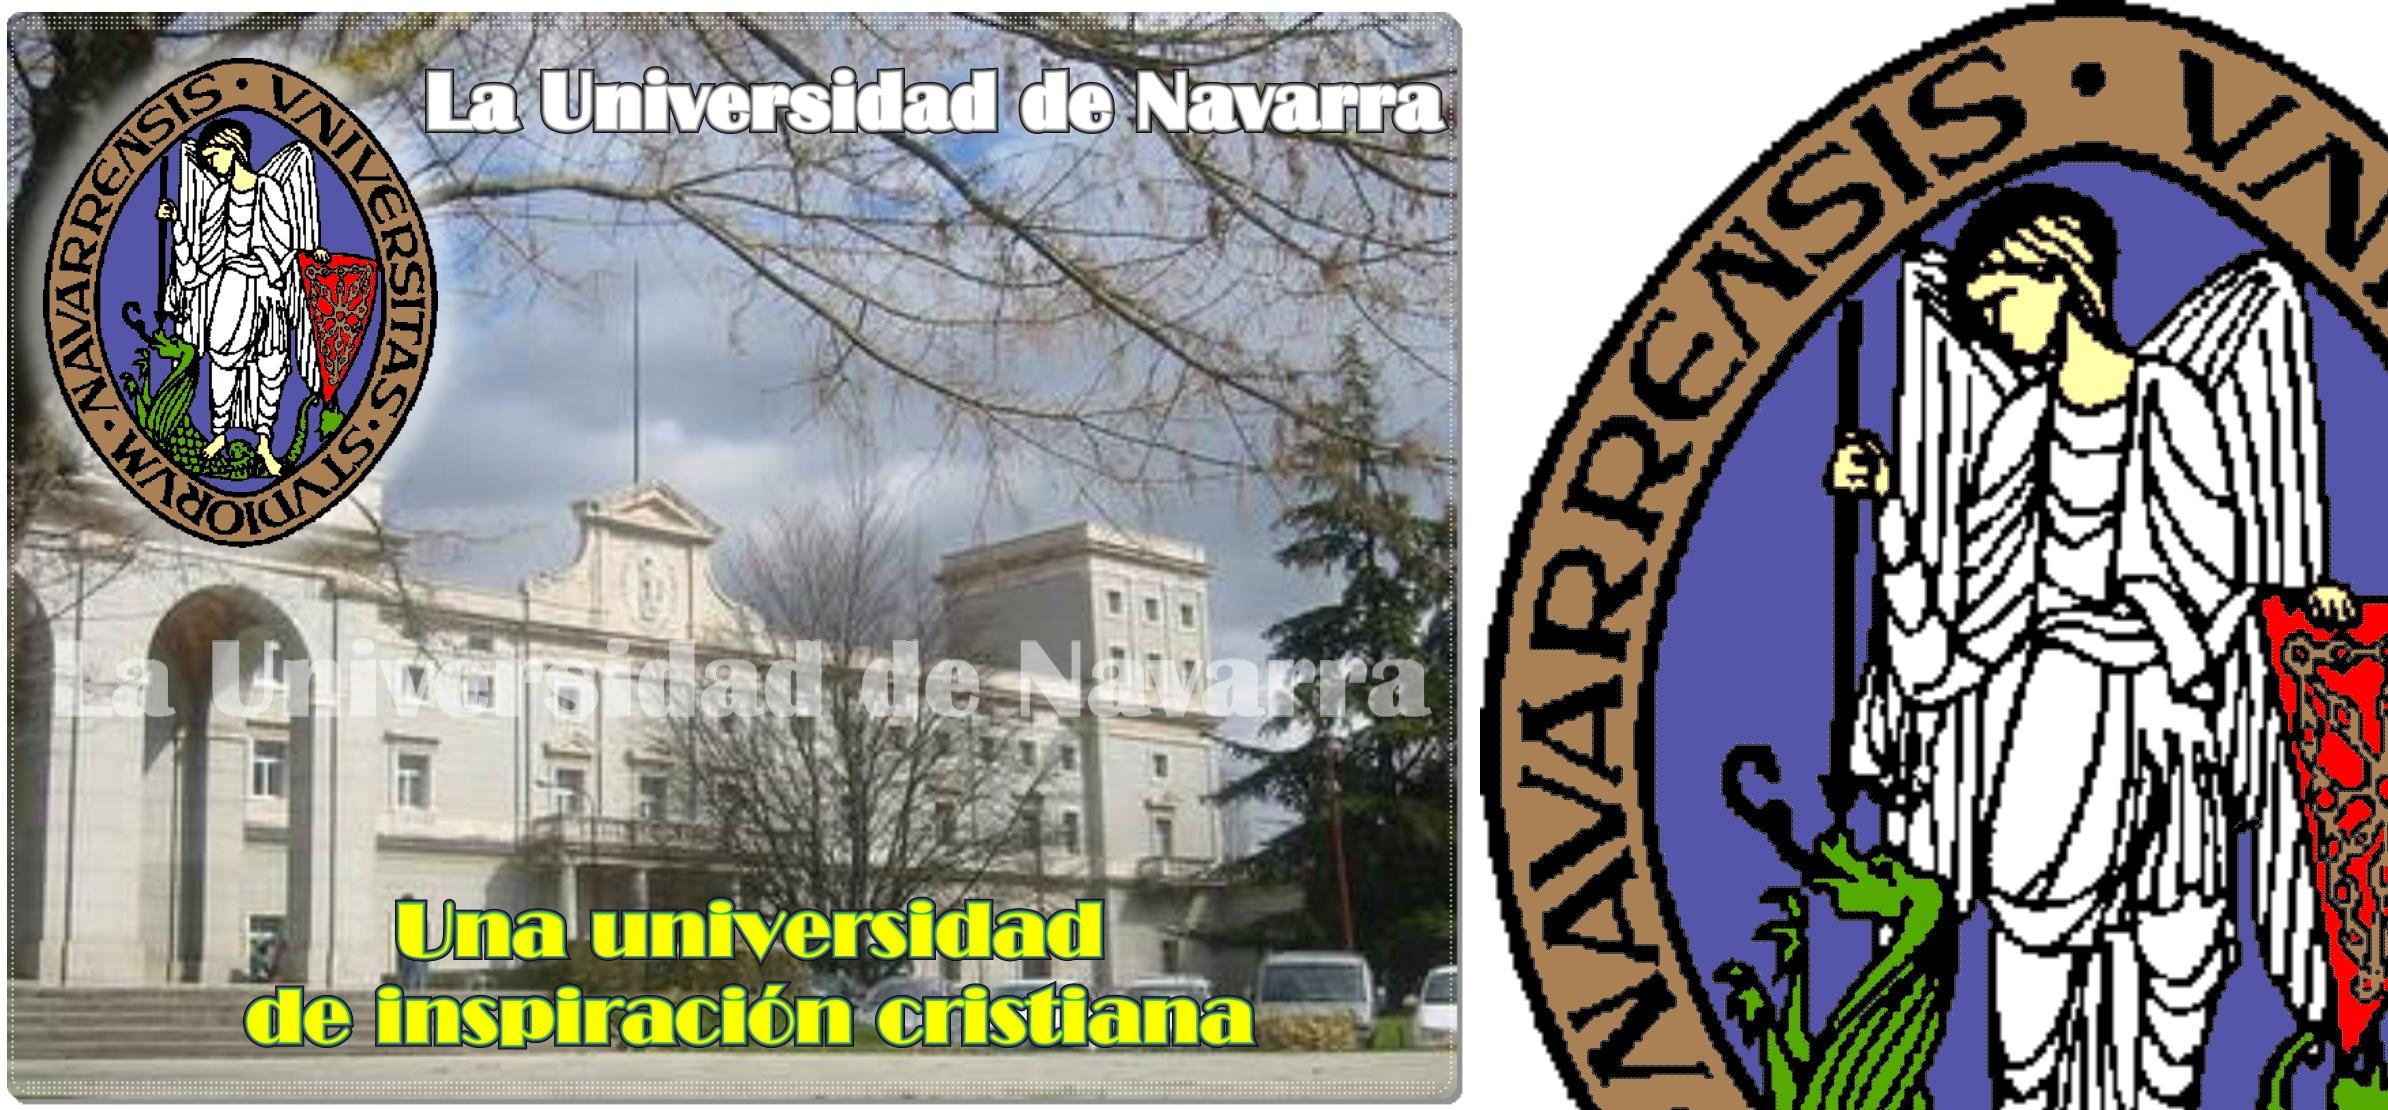 La Universidad de Navarra, una universidad de inspiración cristiana